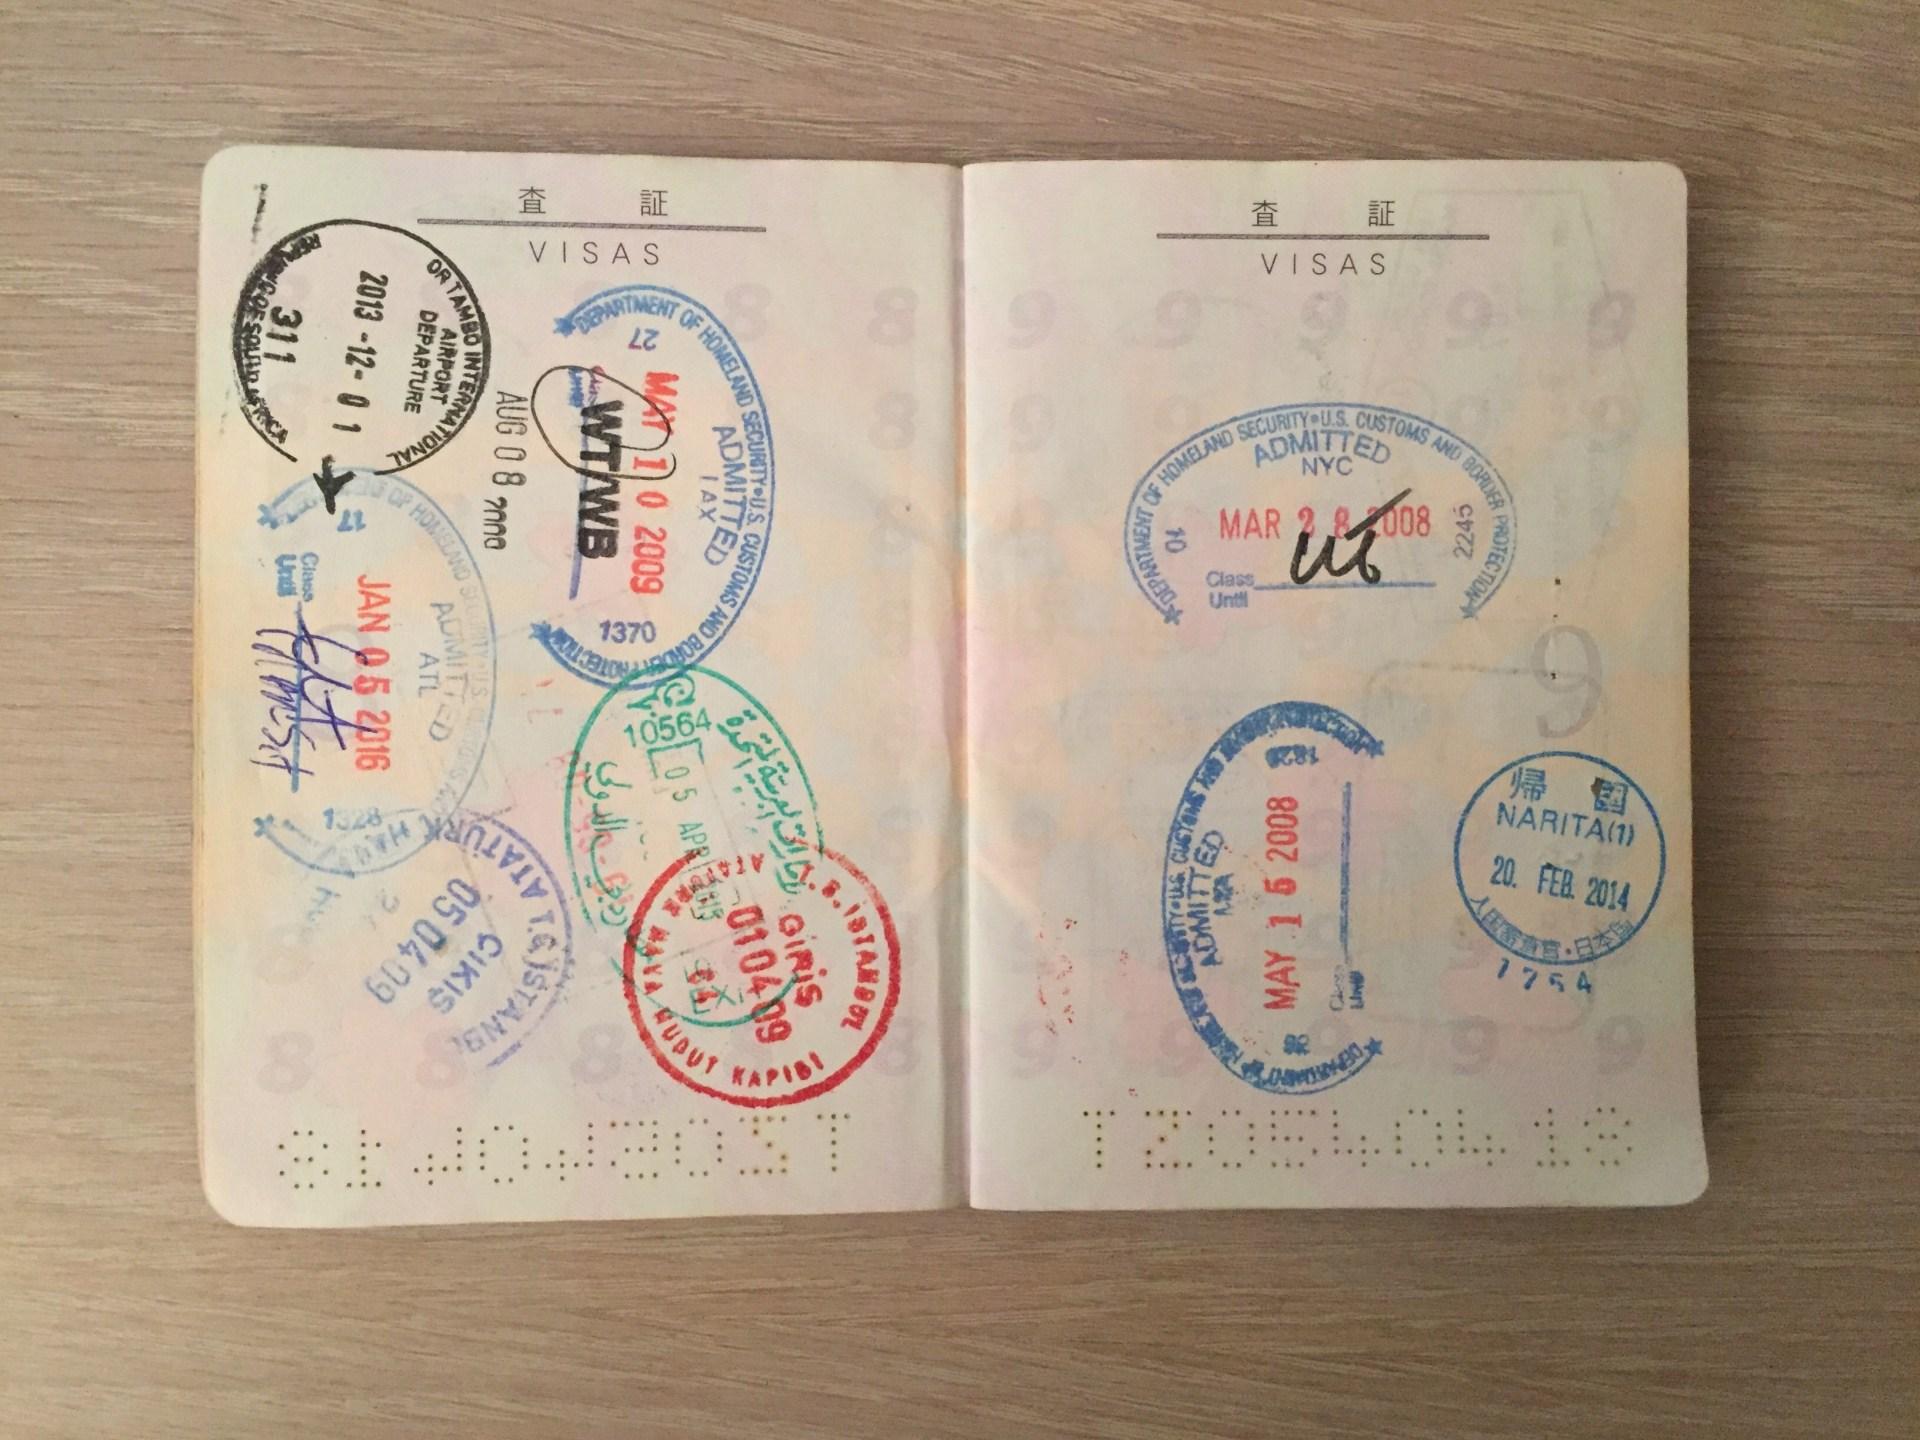 Japão lidera índice dos passaportes mais poderosos do mundo em 2021